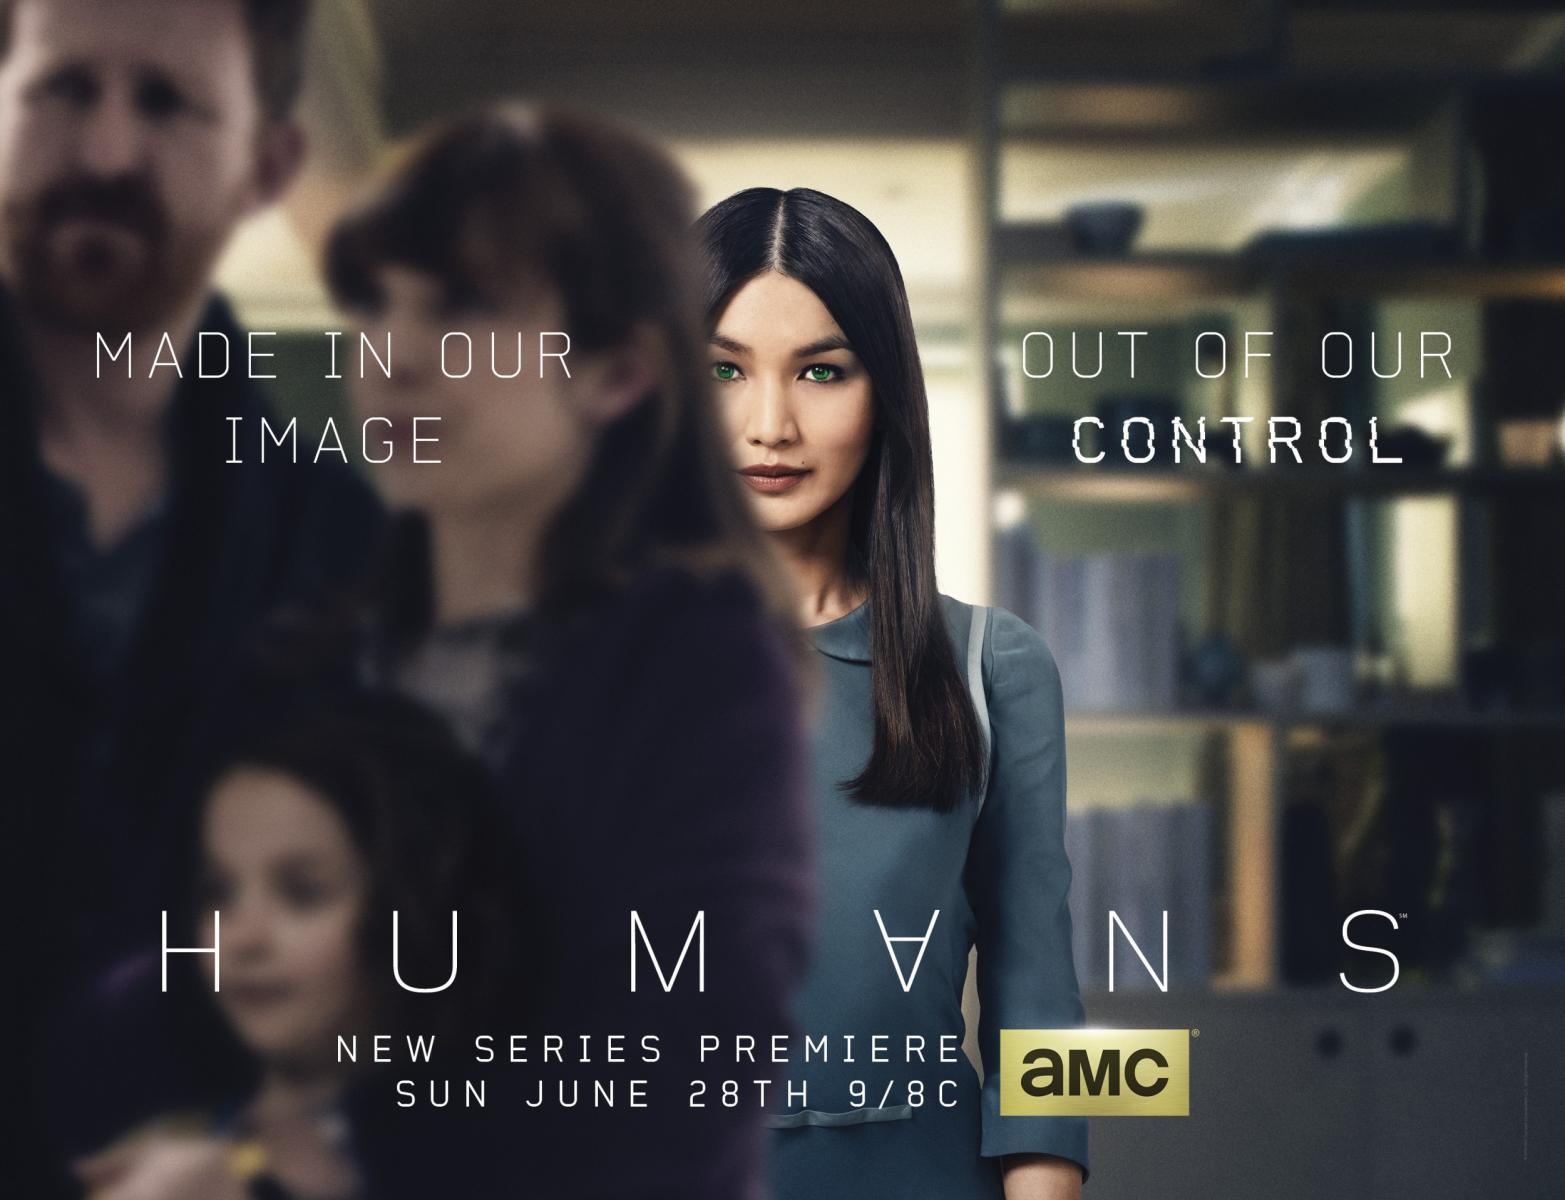 Capitulos de: Humans